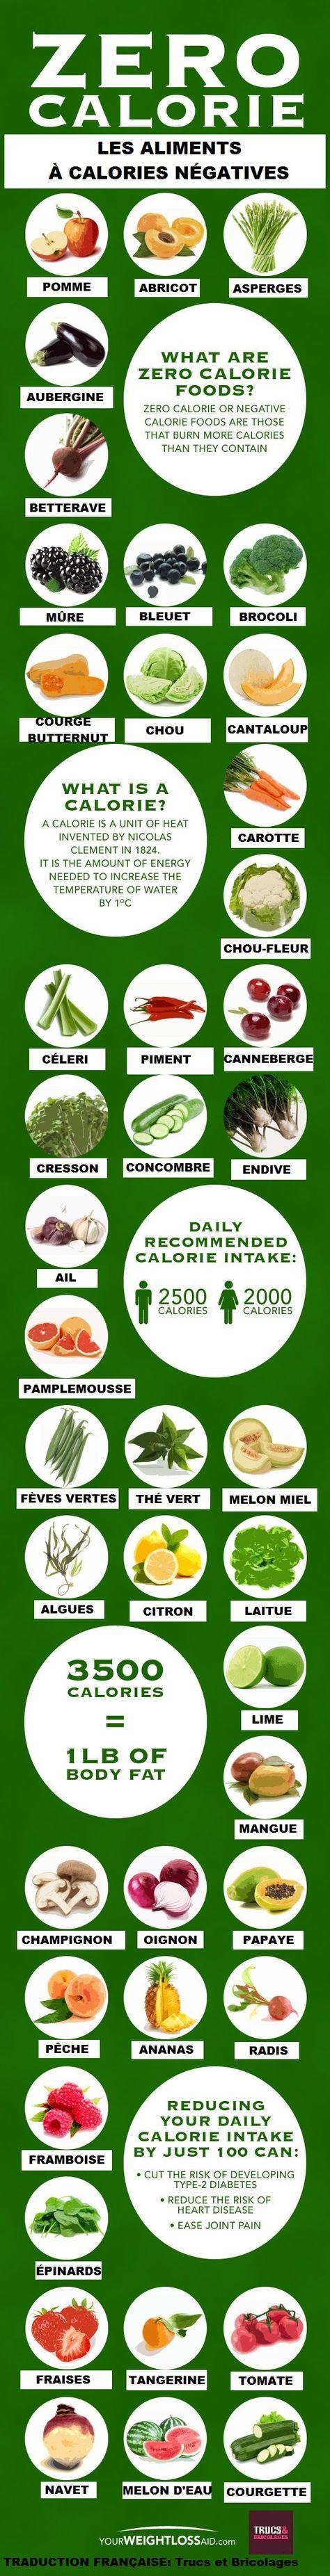 Le meilleur truc pour maigrir: Une liste des 43 aliments zéro calorie!